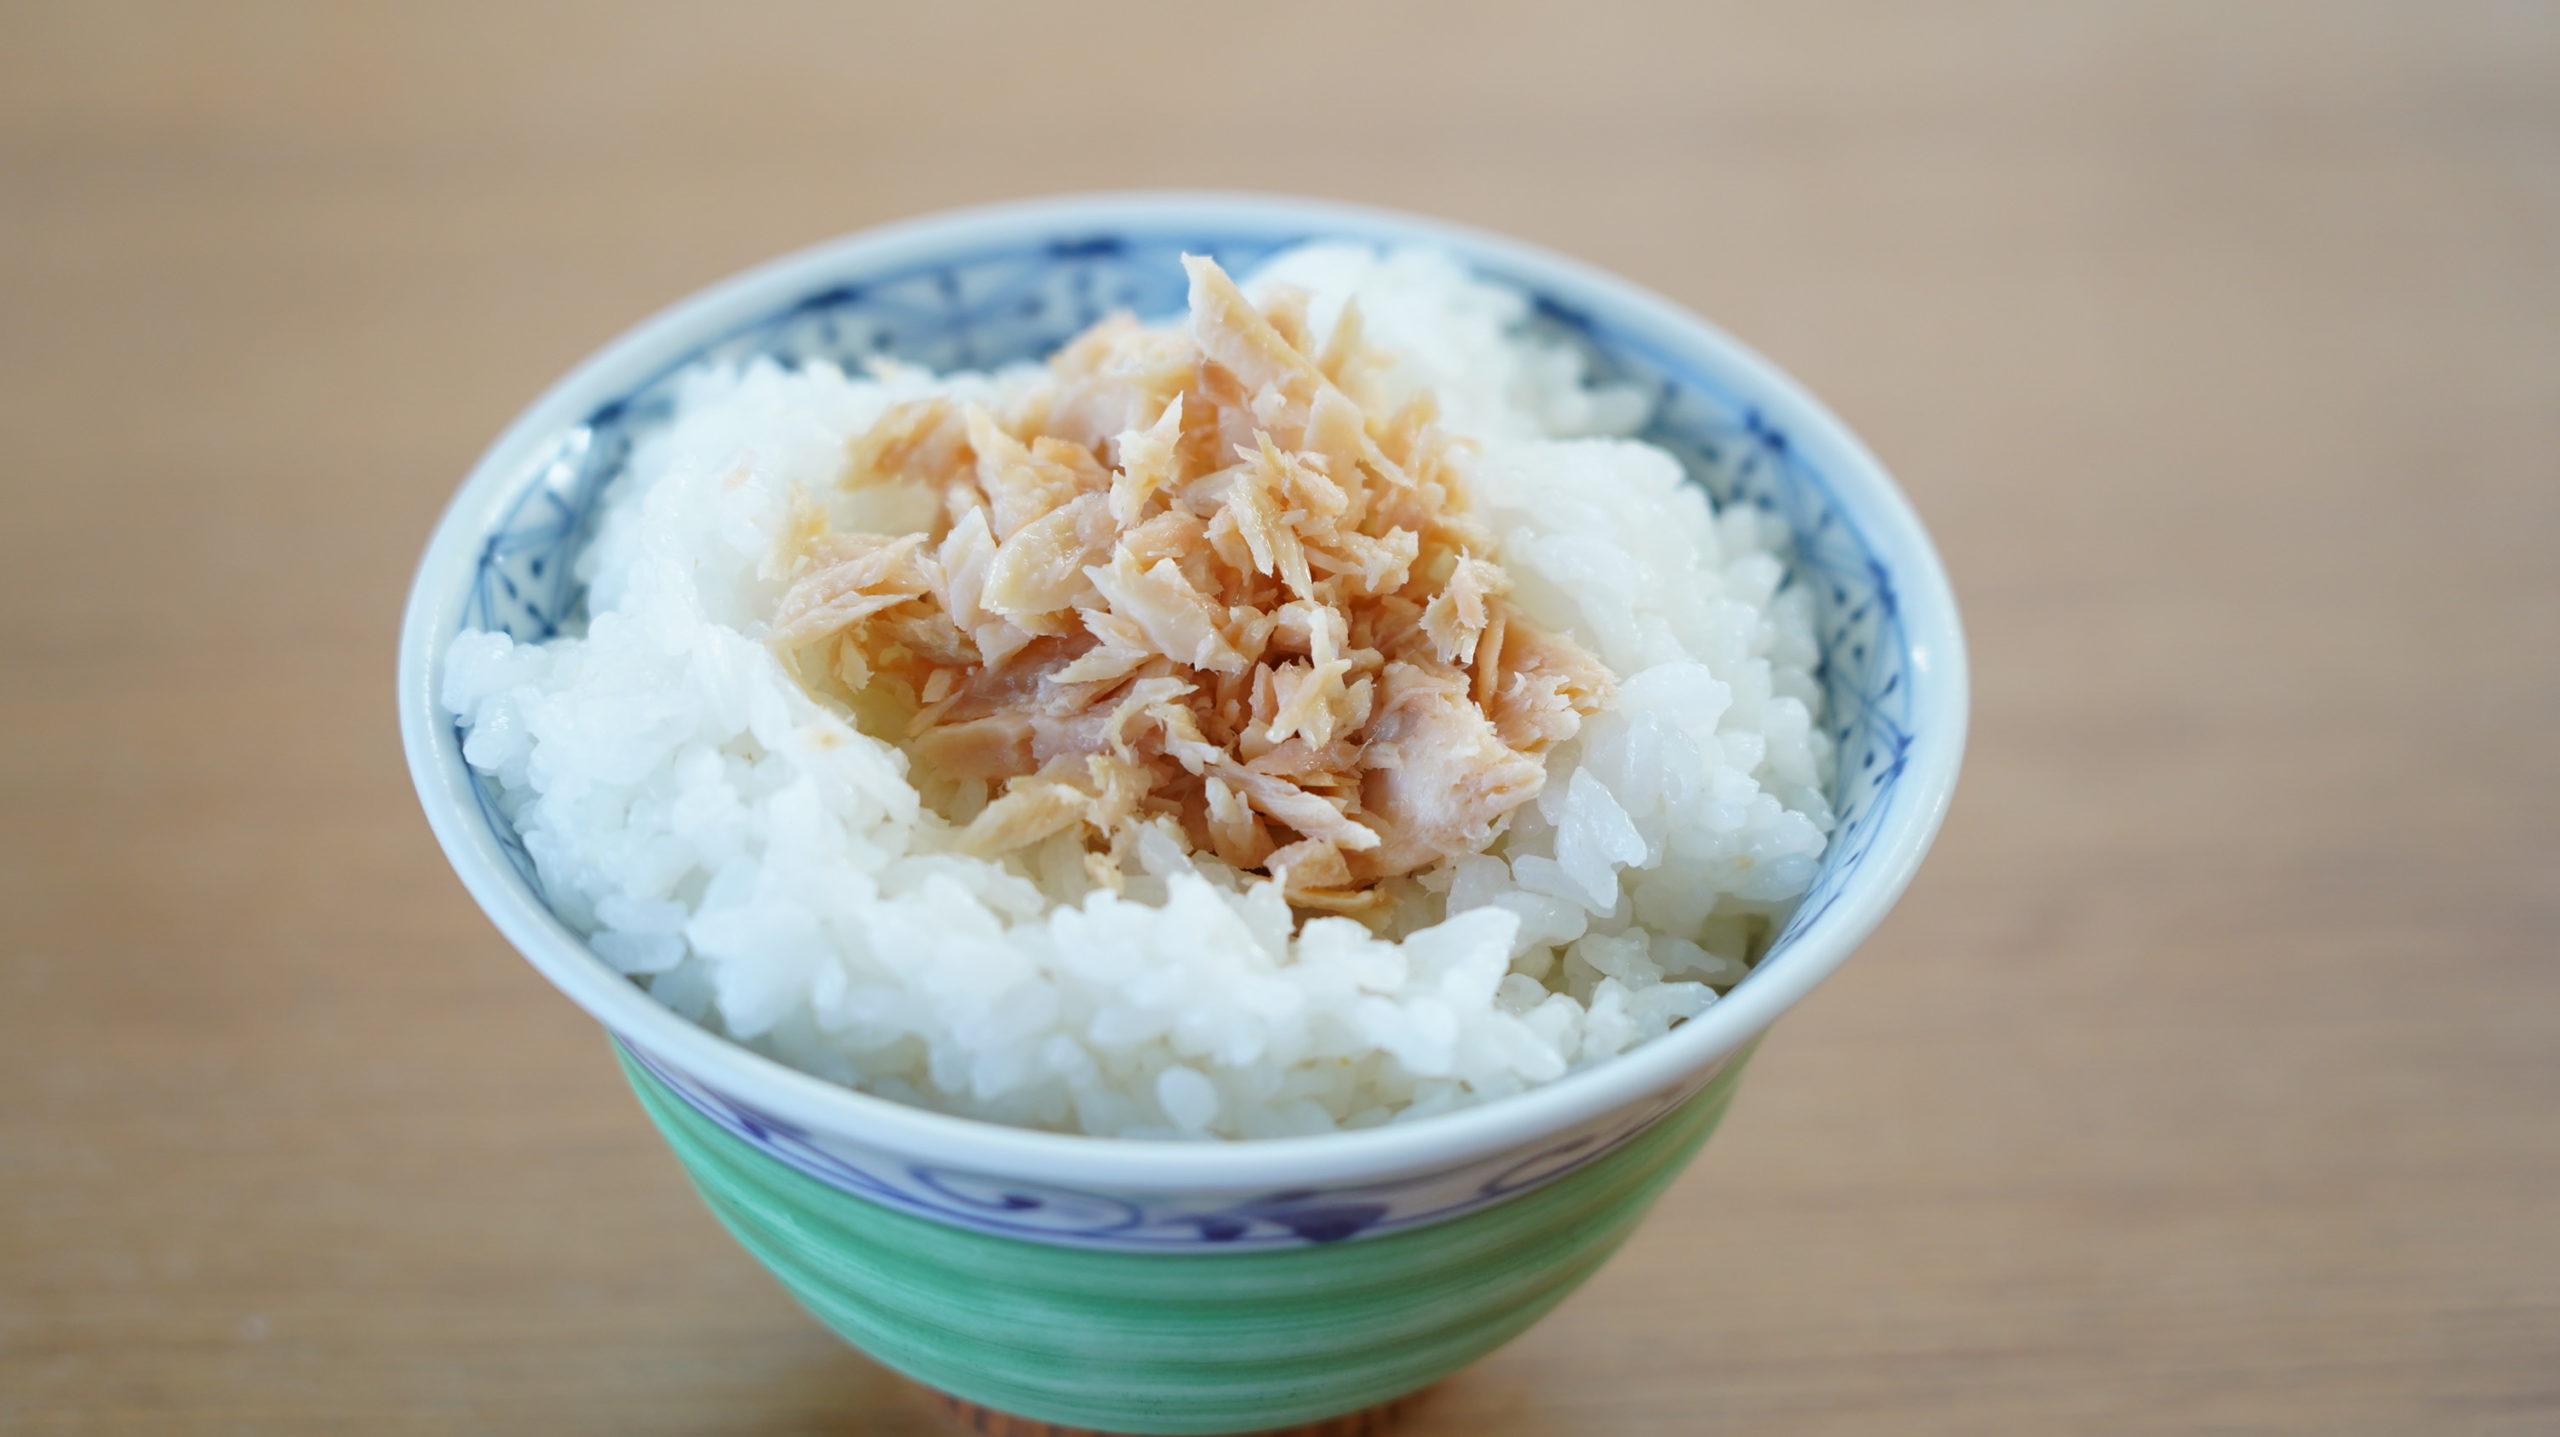 生協の宅配「おうちコープ」の荒ほぐし鮭をご飯に盛り付けた写真